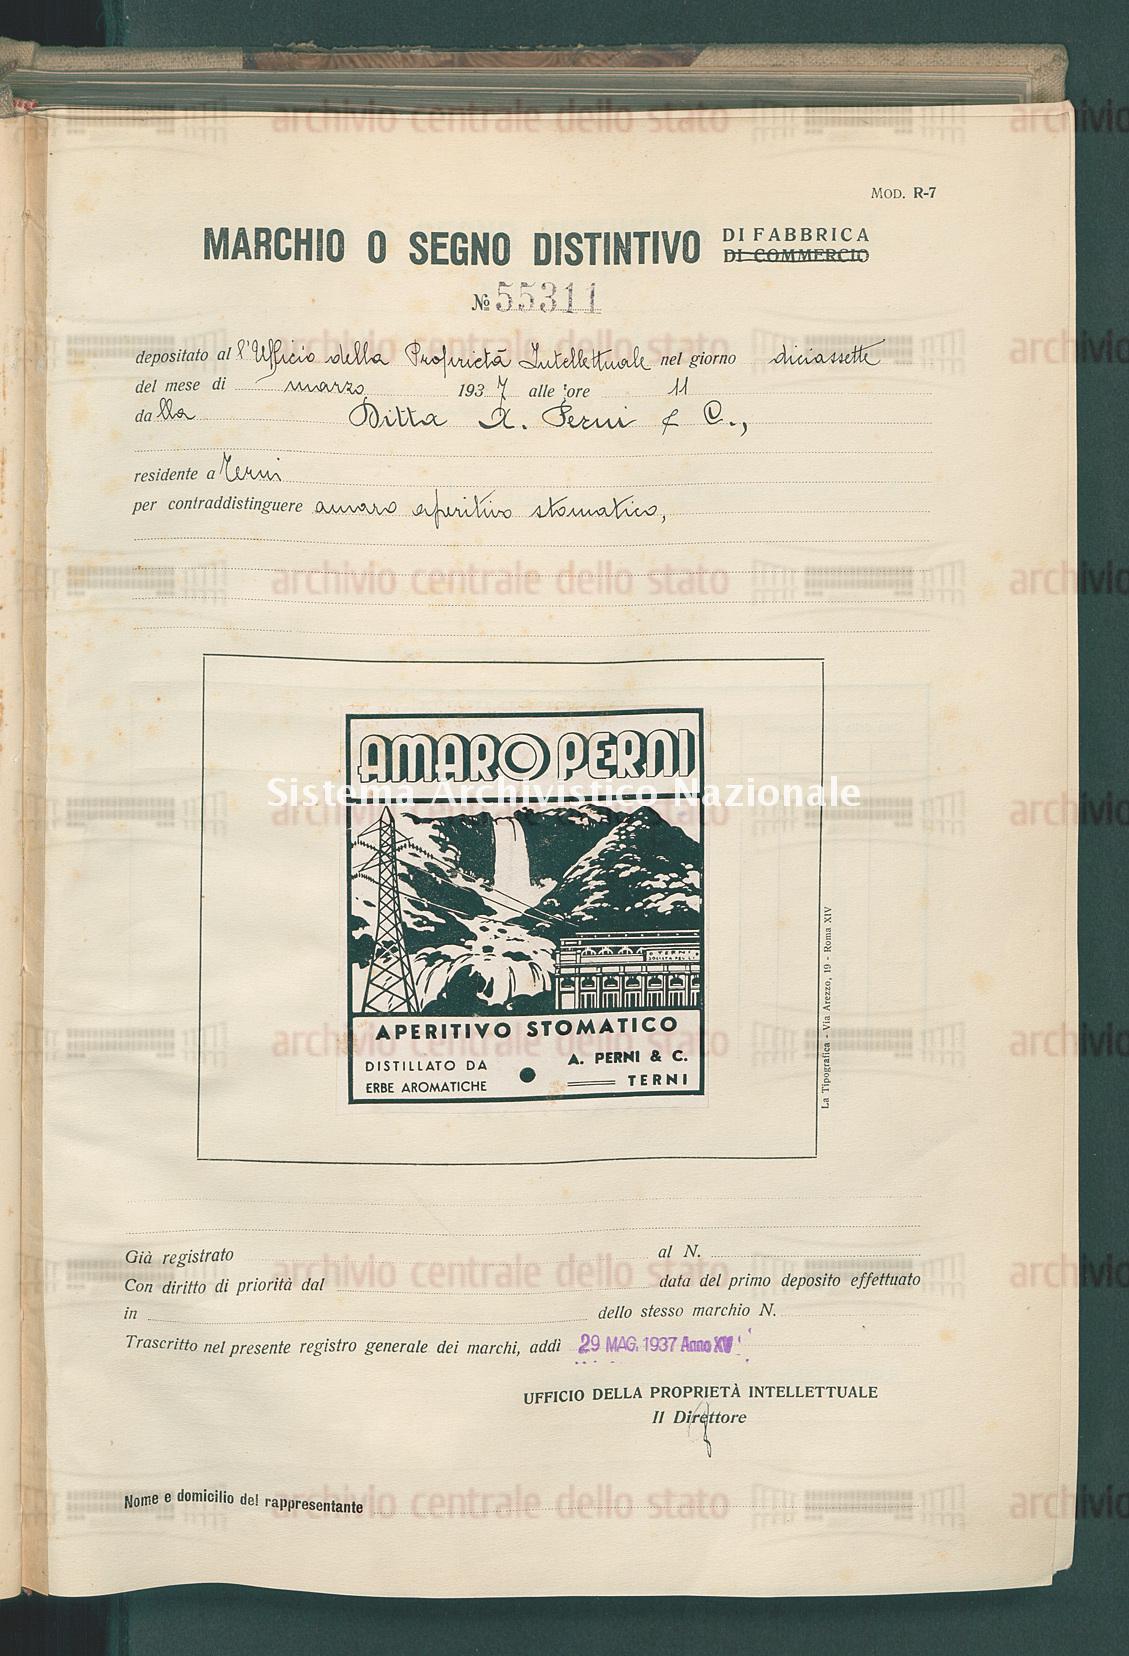 Amaro aperitivo stomatico Ditta A. Perni & C. (29/05/1937)